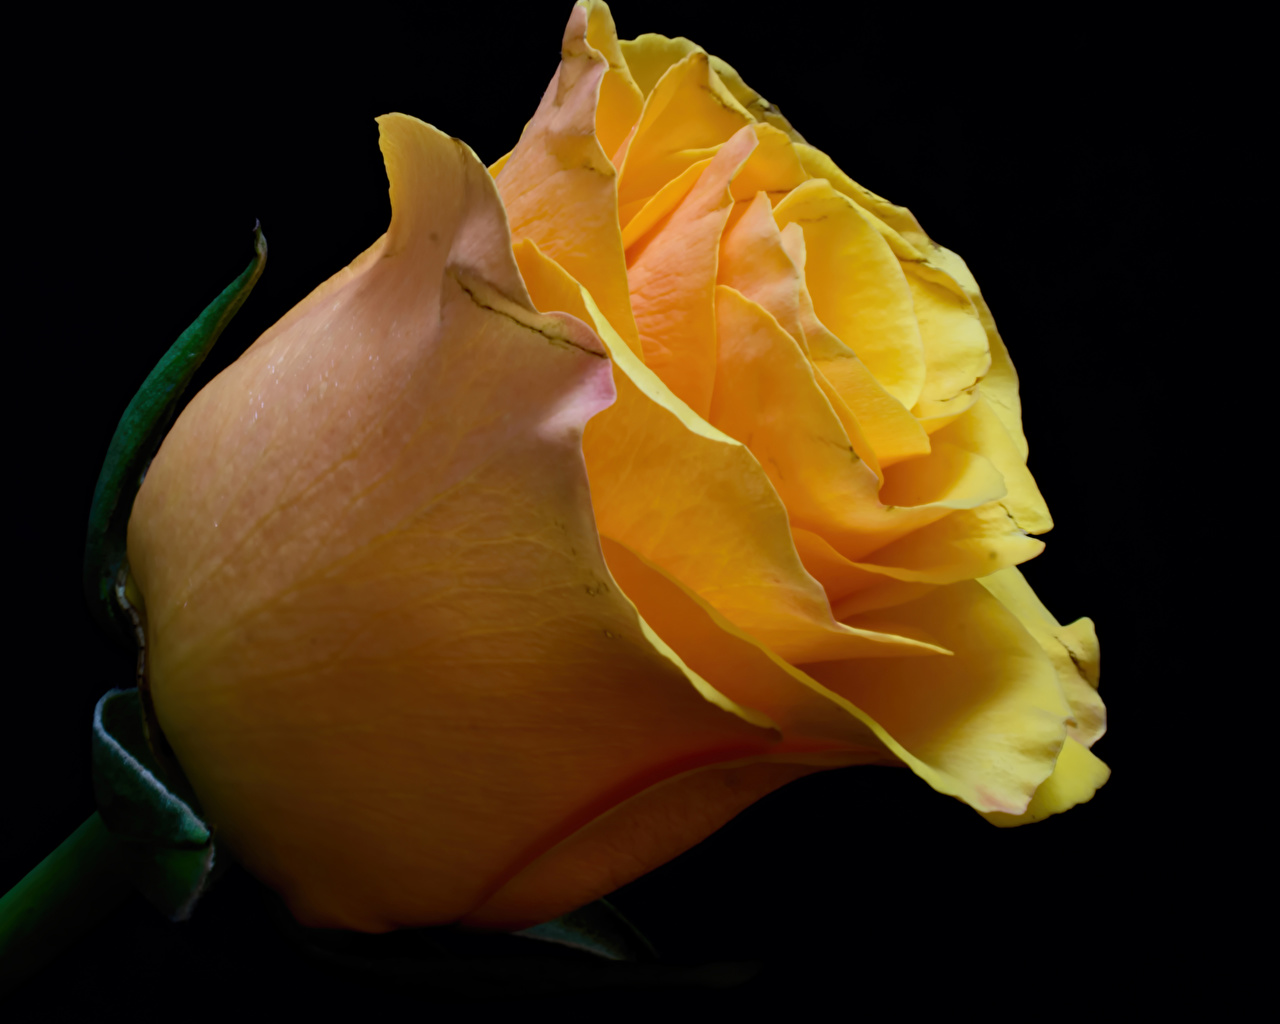 Fotos Rose Gelb Blumen Großansicht Schwarzer Hintergrund Rosen Blüte hautnah Nahaufnahme